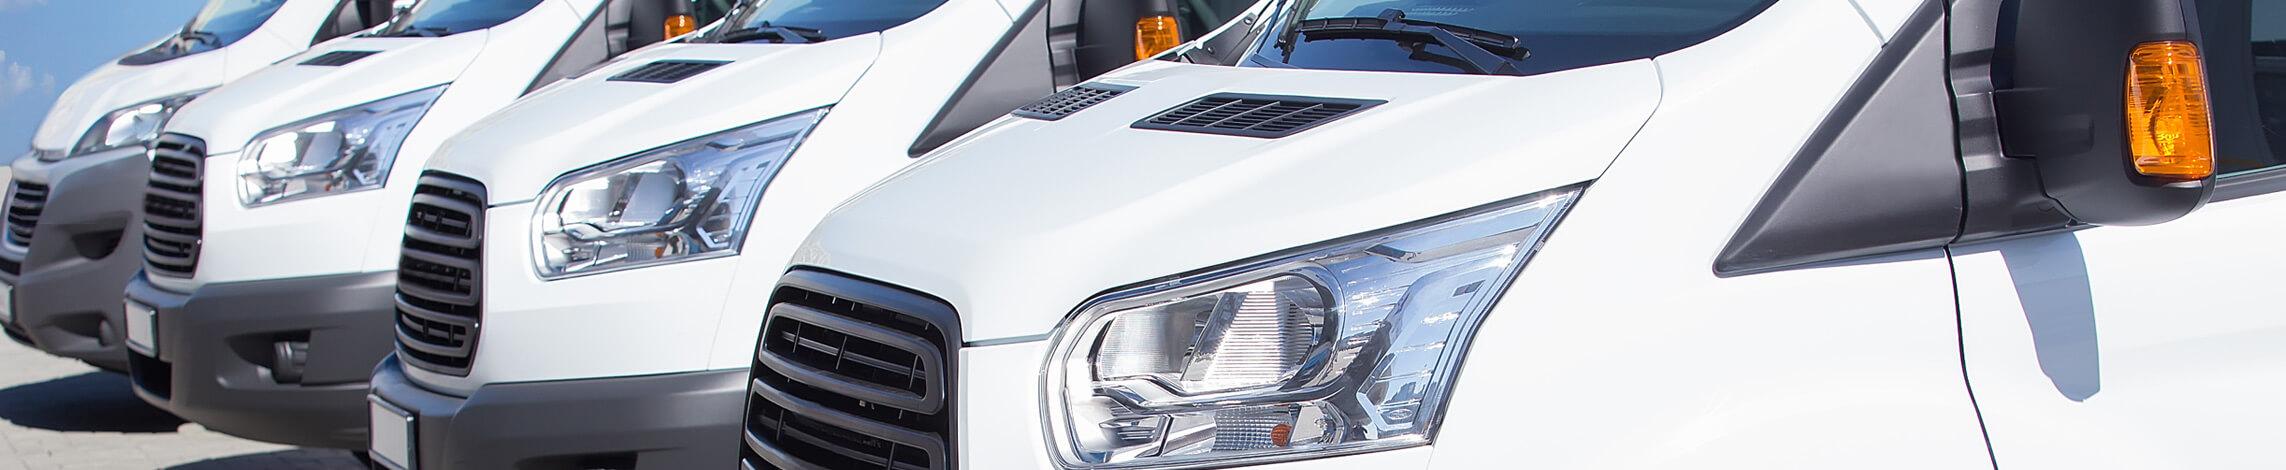 9 seater self drive minibus hire